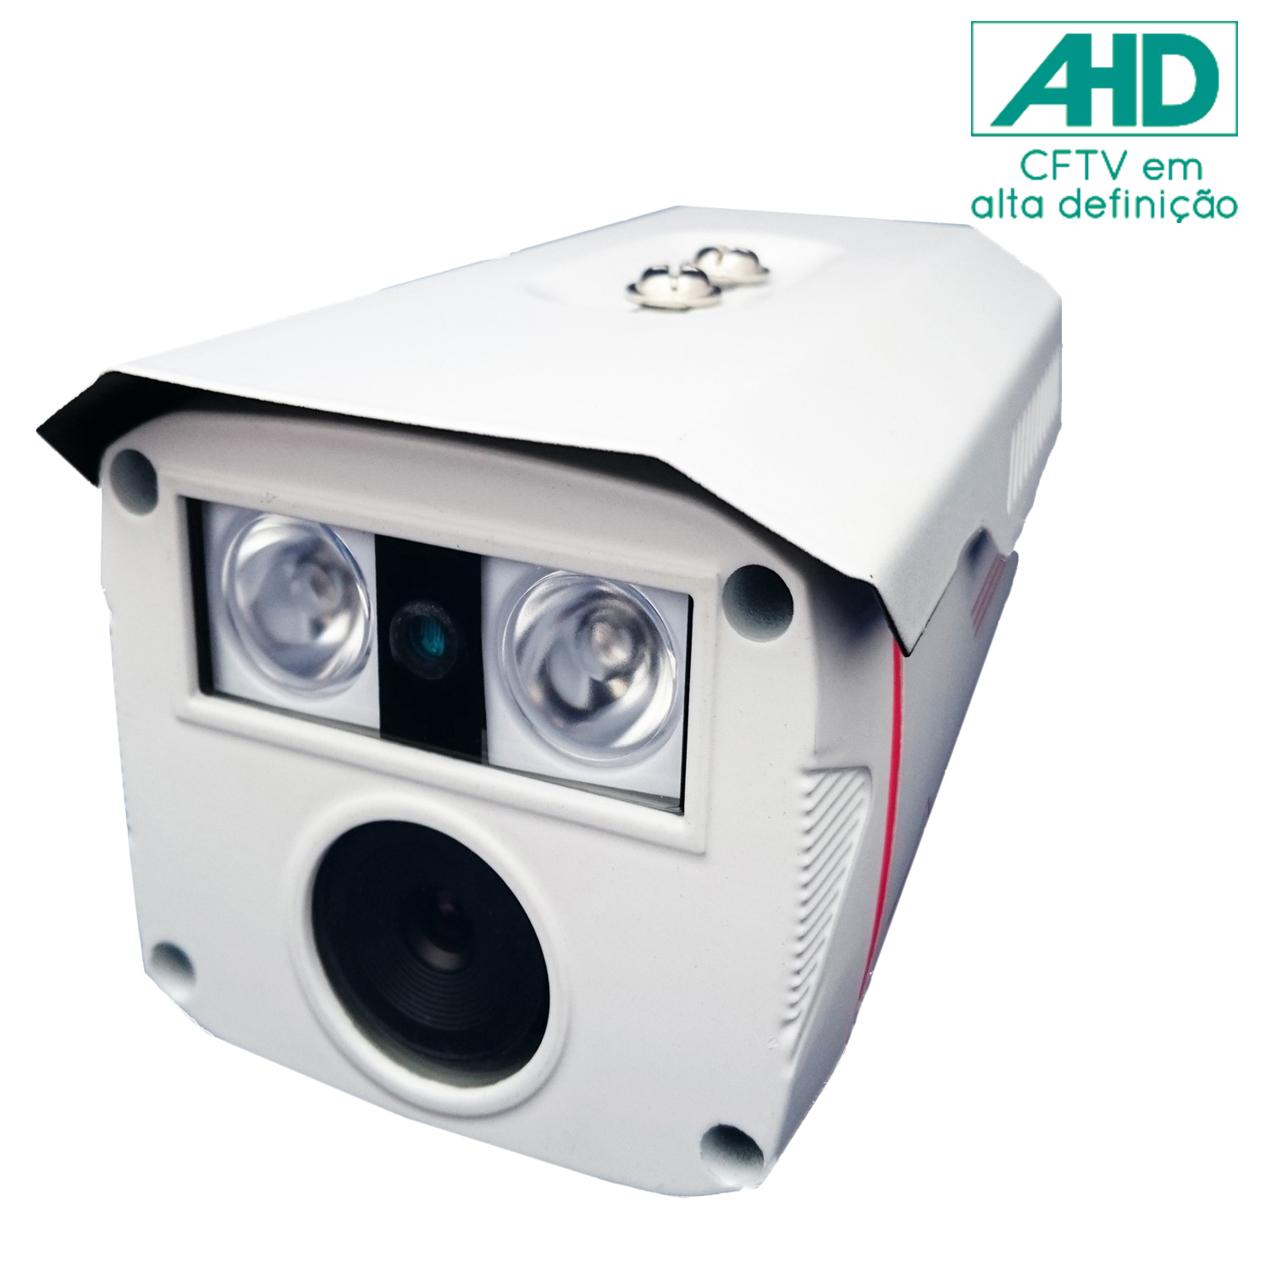 Câmera de Segurança AHD com Infra 1080P Resolução FULL HD 1.3 MP Lente 6mm - JT - 6209AHD cod. IDPROD_2866 - BARCODE_SH2320